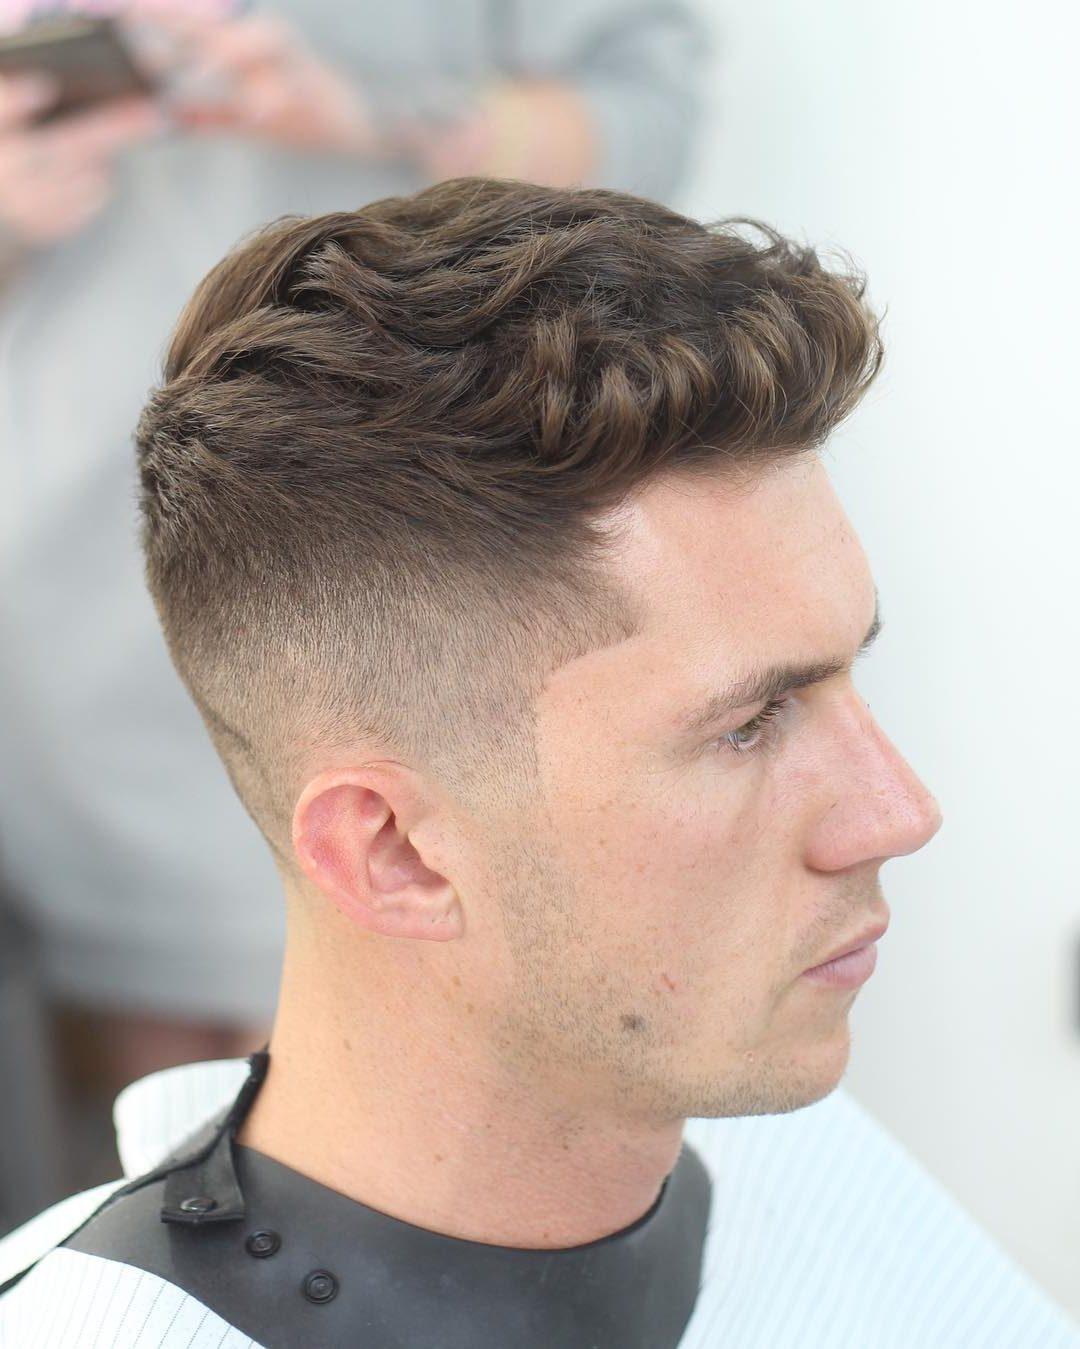 بالصور اجمل قصات الشعر للرجال , اشيك قصات شعر رجالى 5307 7